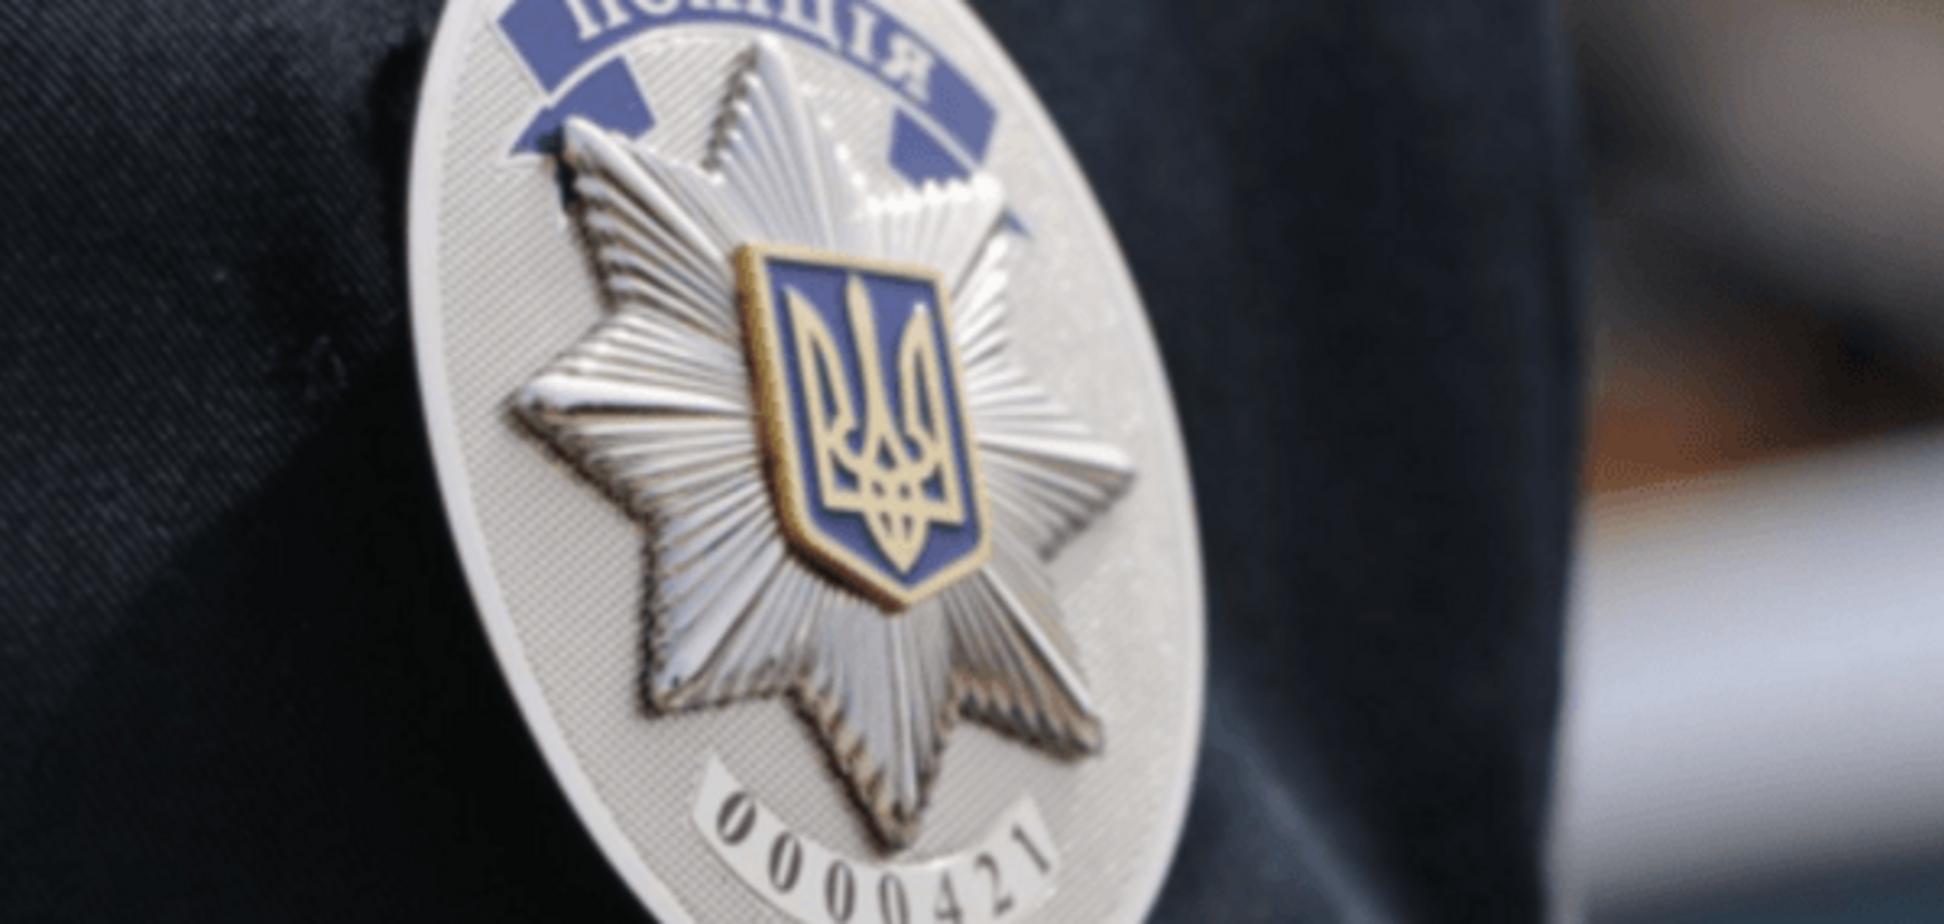 Розгул злочинності: на вихідних у Києві обчистили 70 квартир